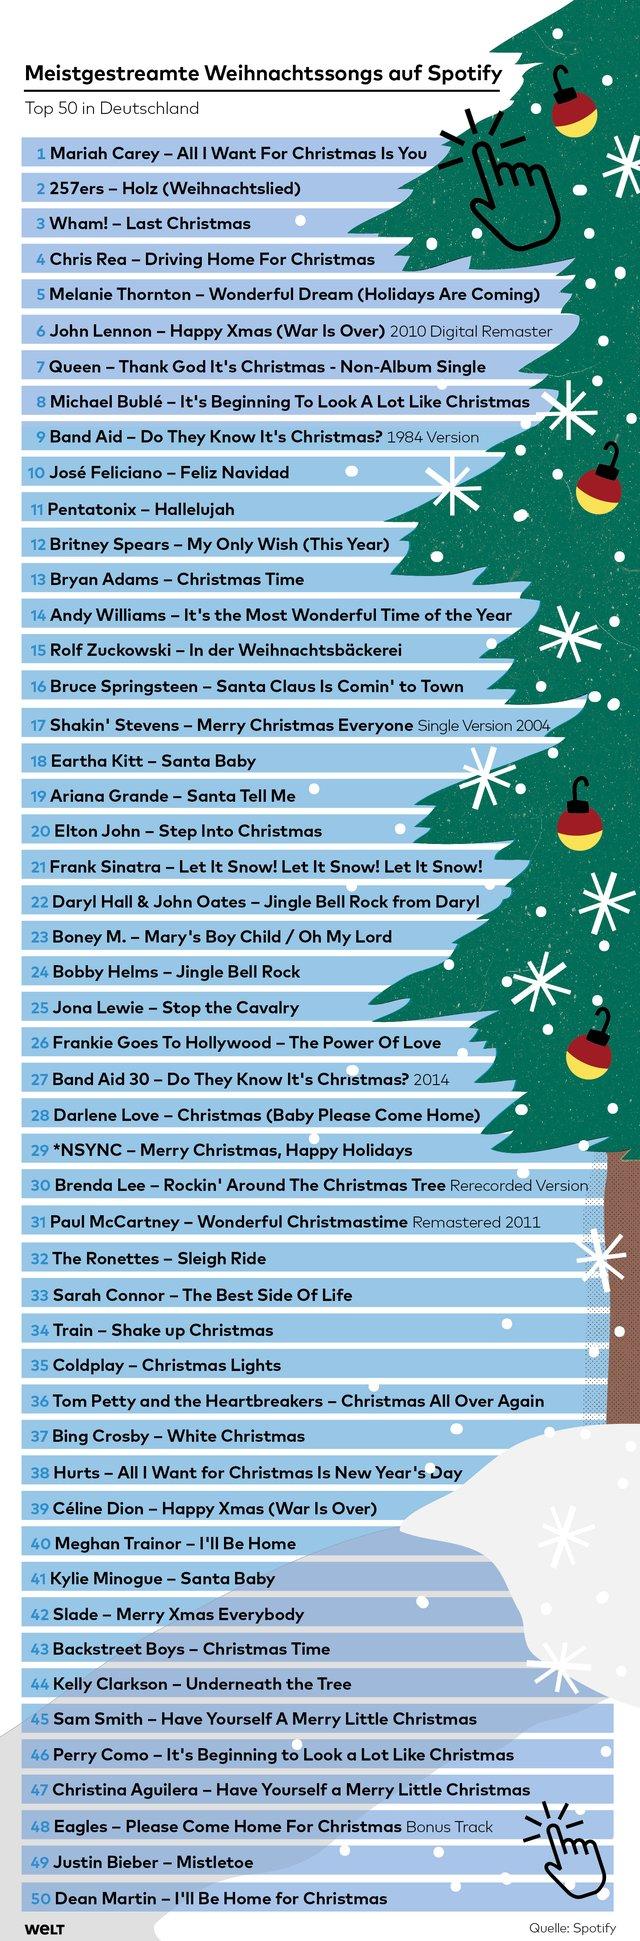 Spotify Top 50 Weihnachtssongs für Deutschland und international - WELT